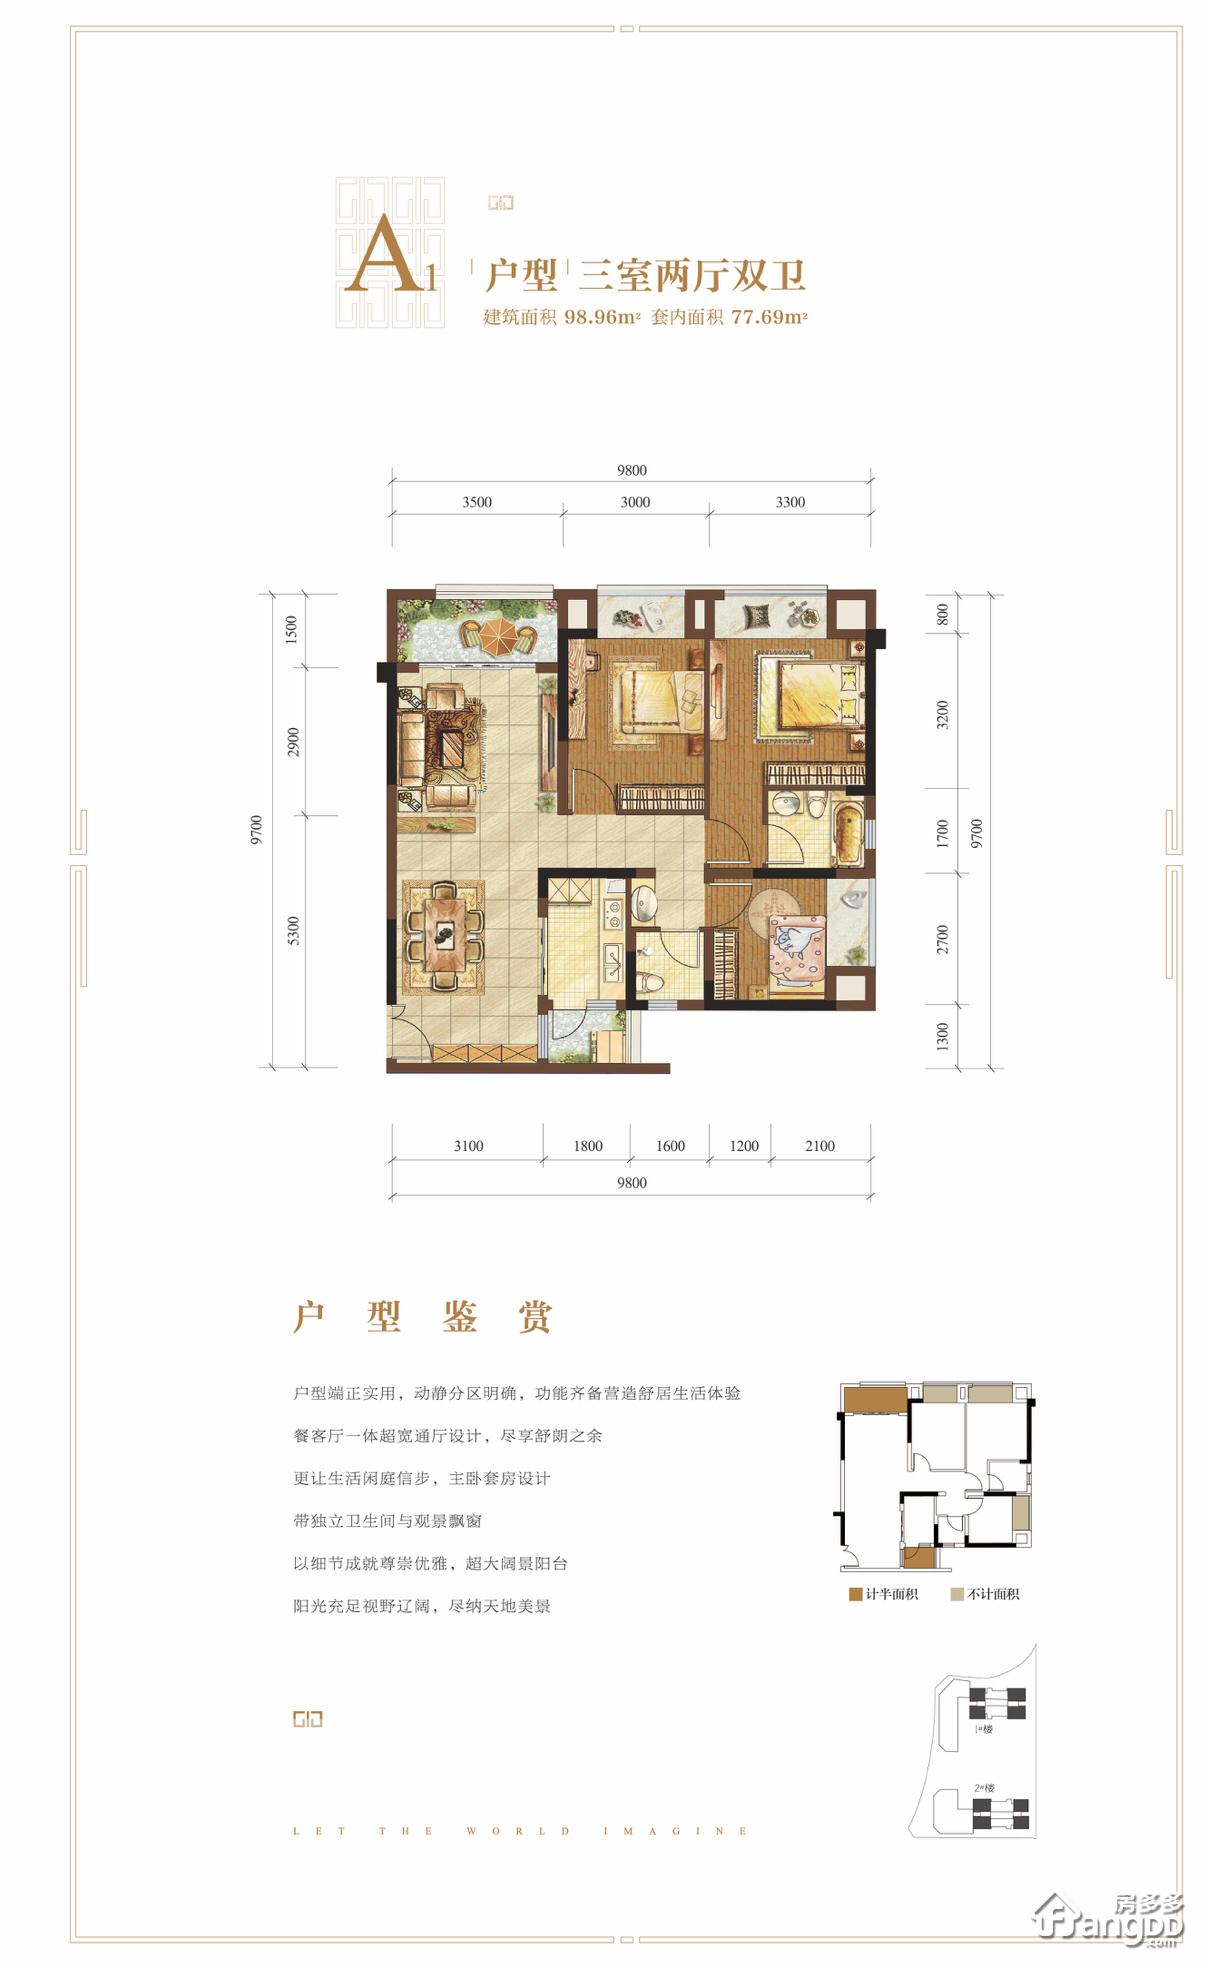 北京城建龙樾生态城3室2厅2卫户型图